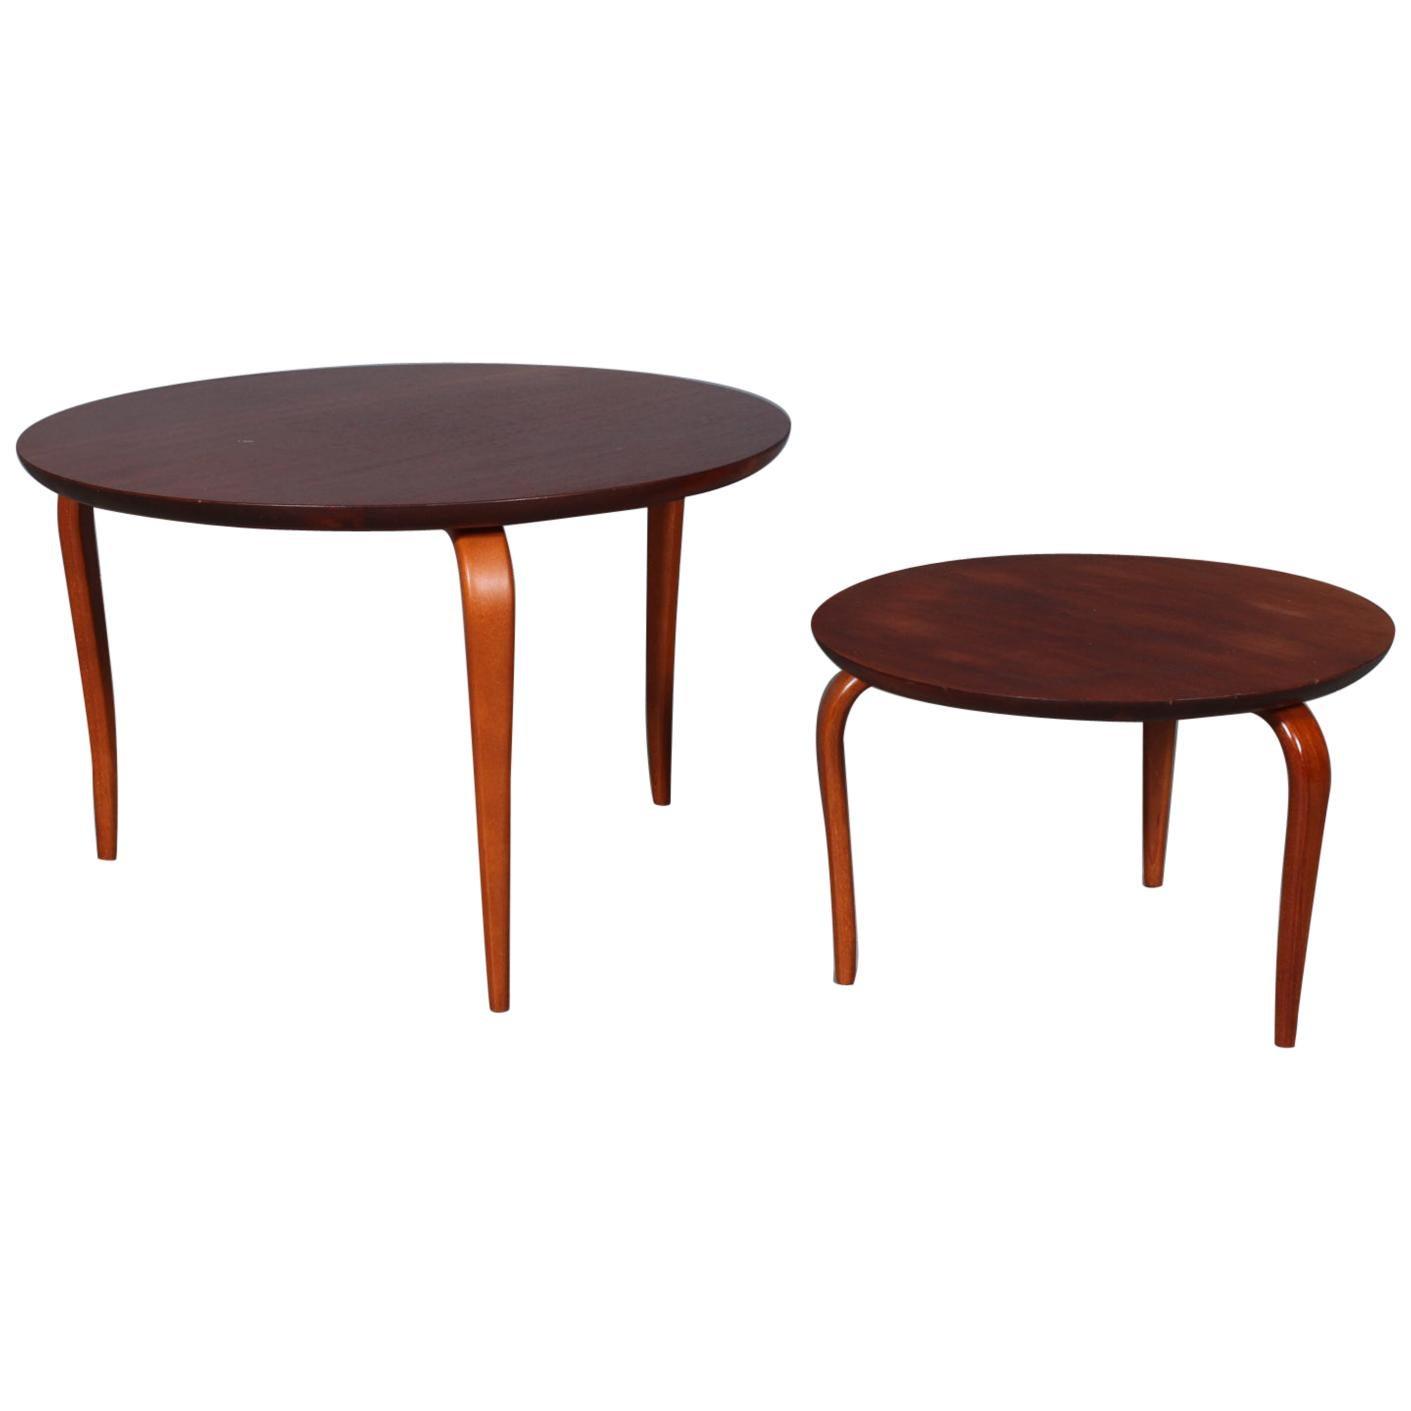 Dux of Sweden Side Tables